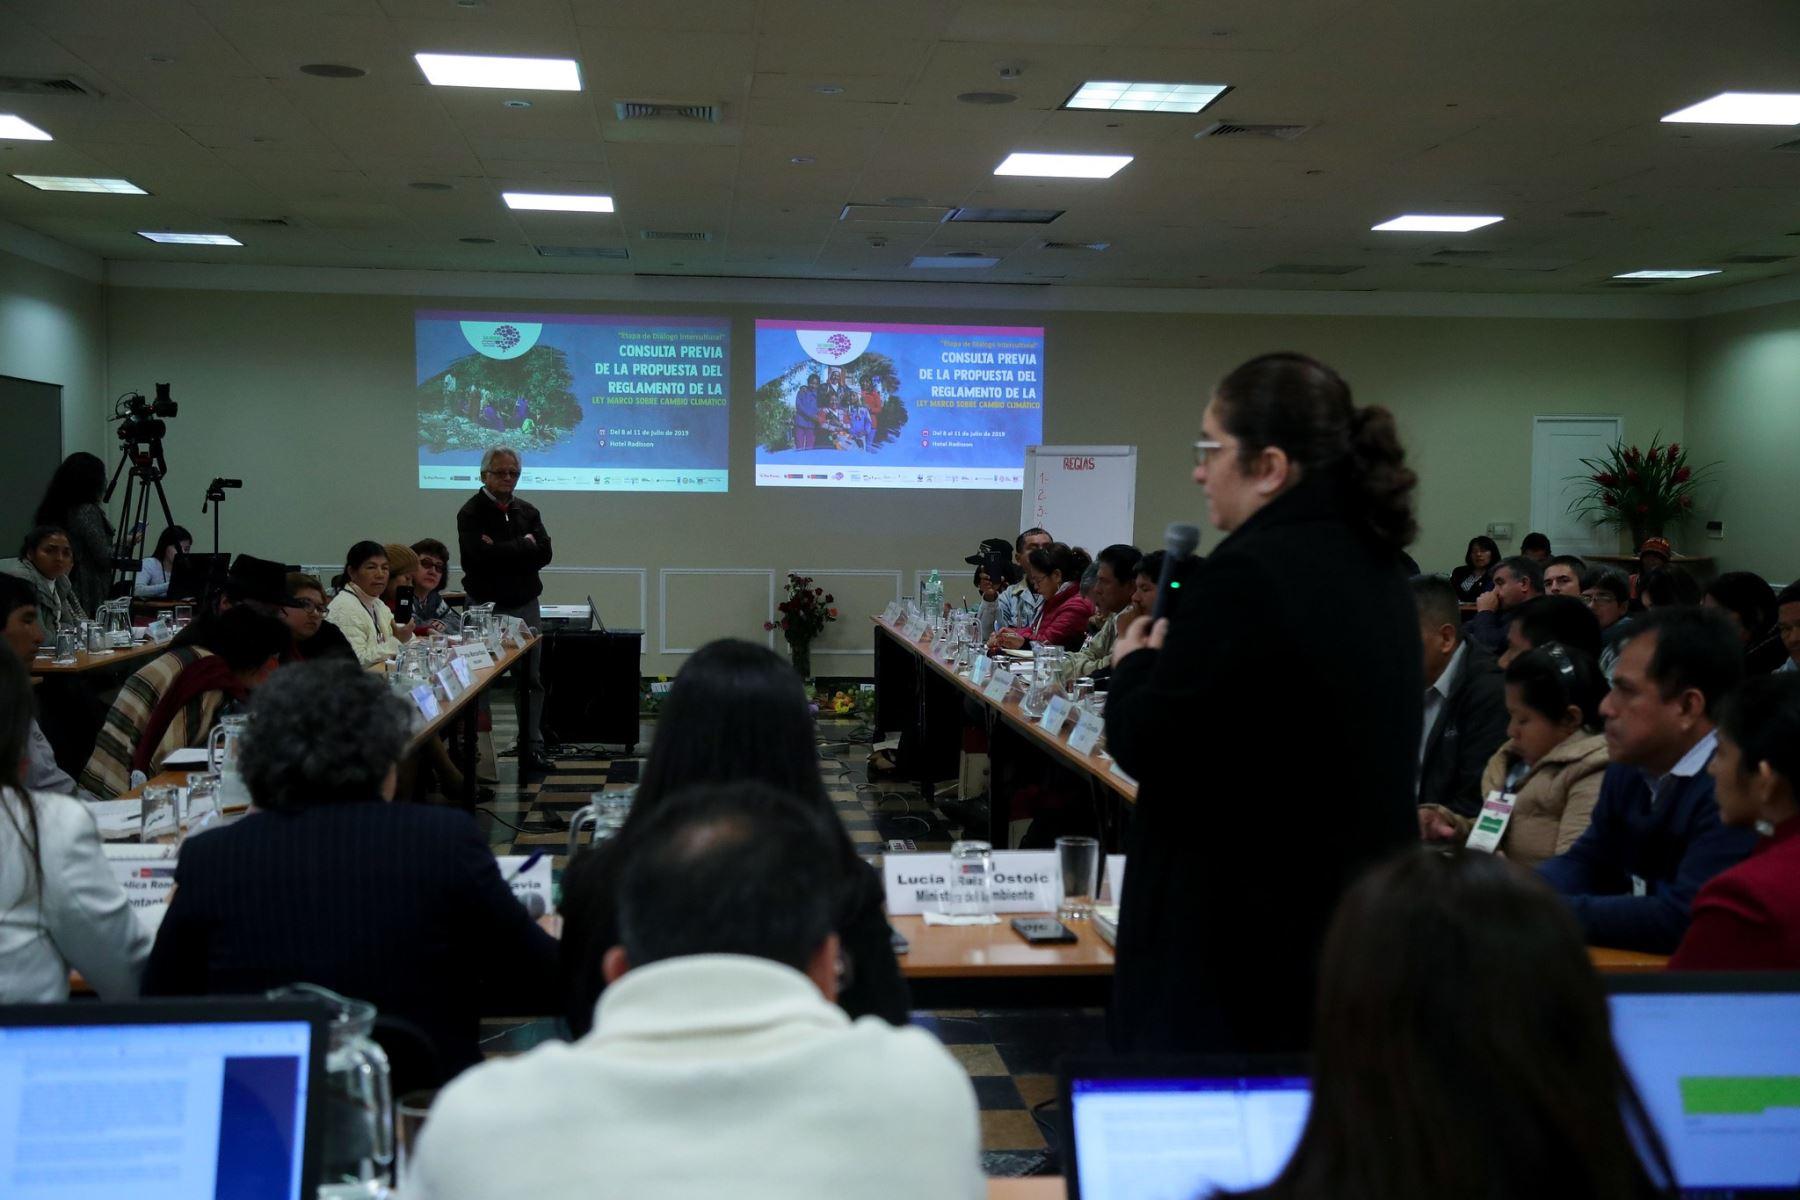 Ministerio del Ambiente resalta que el diálogo transparente es la clave en la consulta previa.